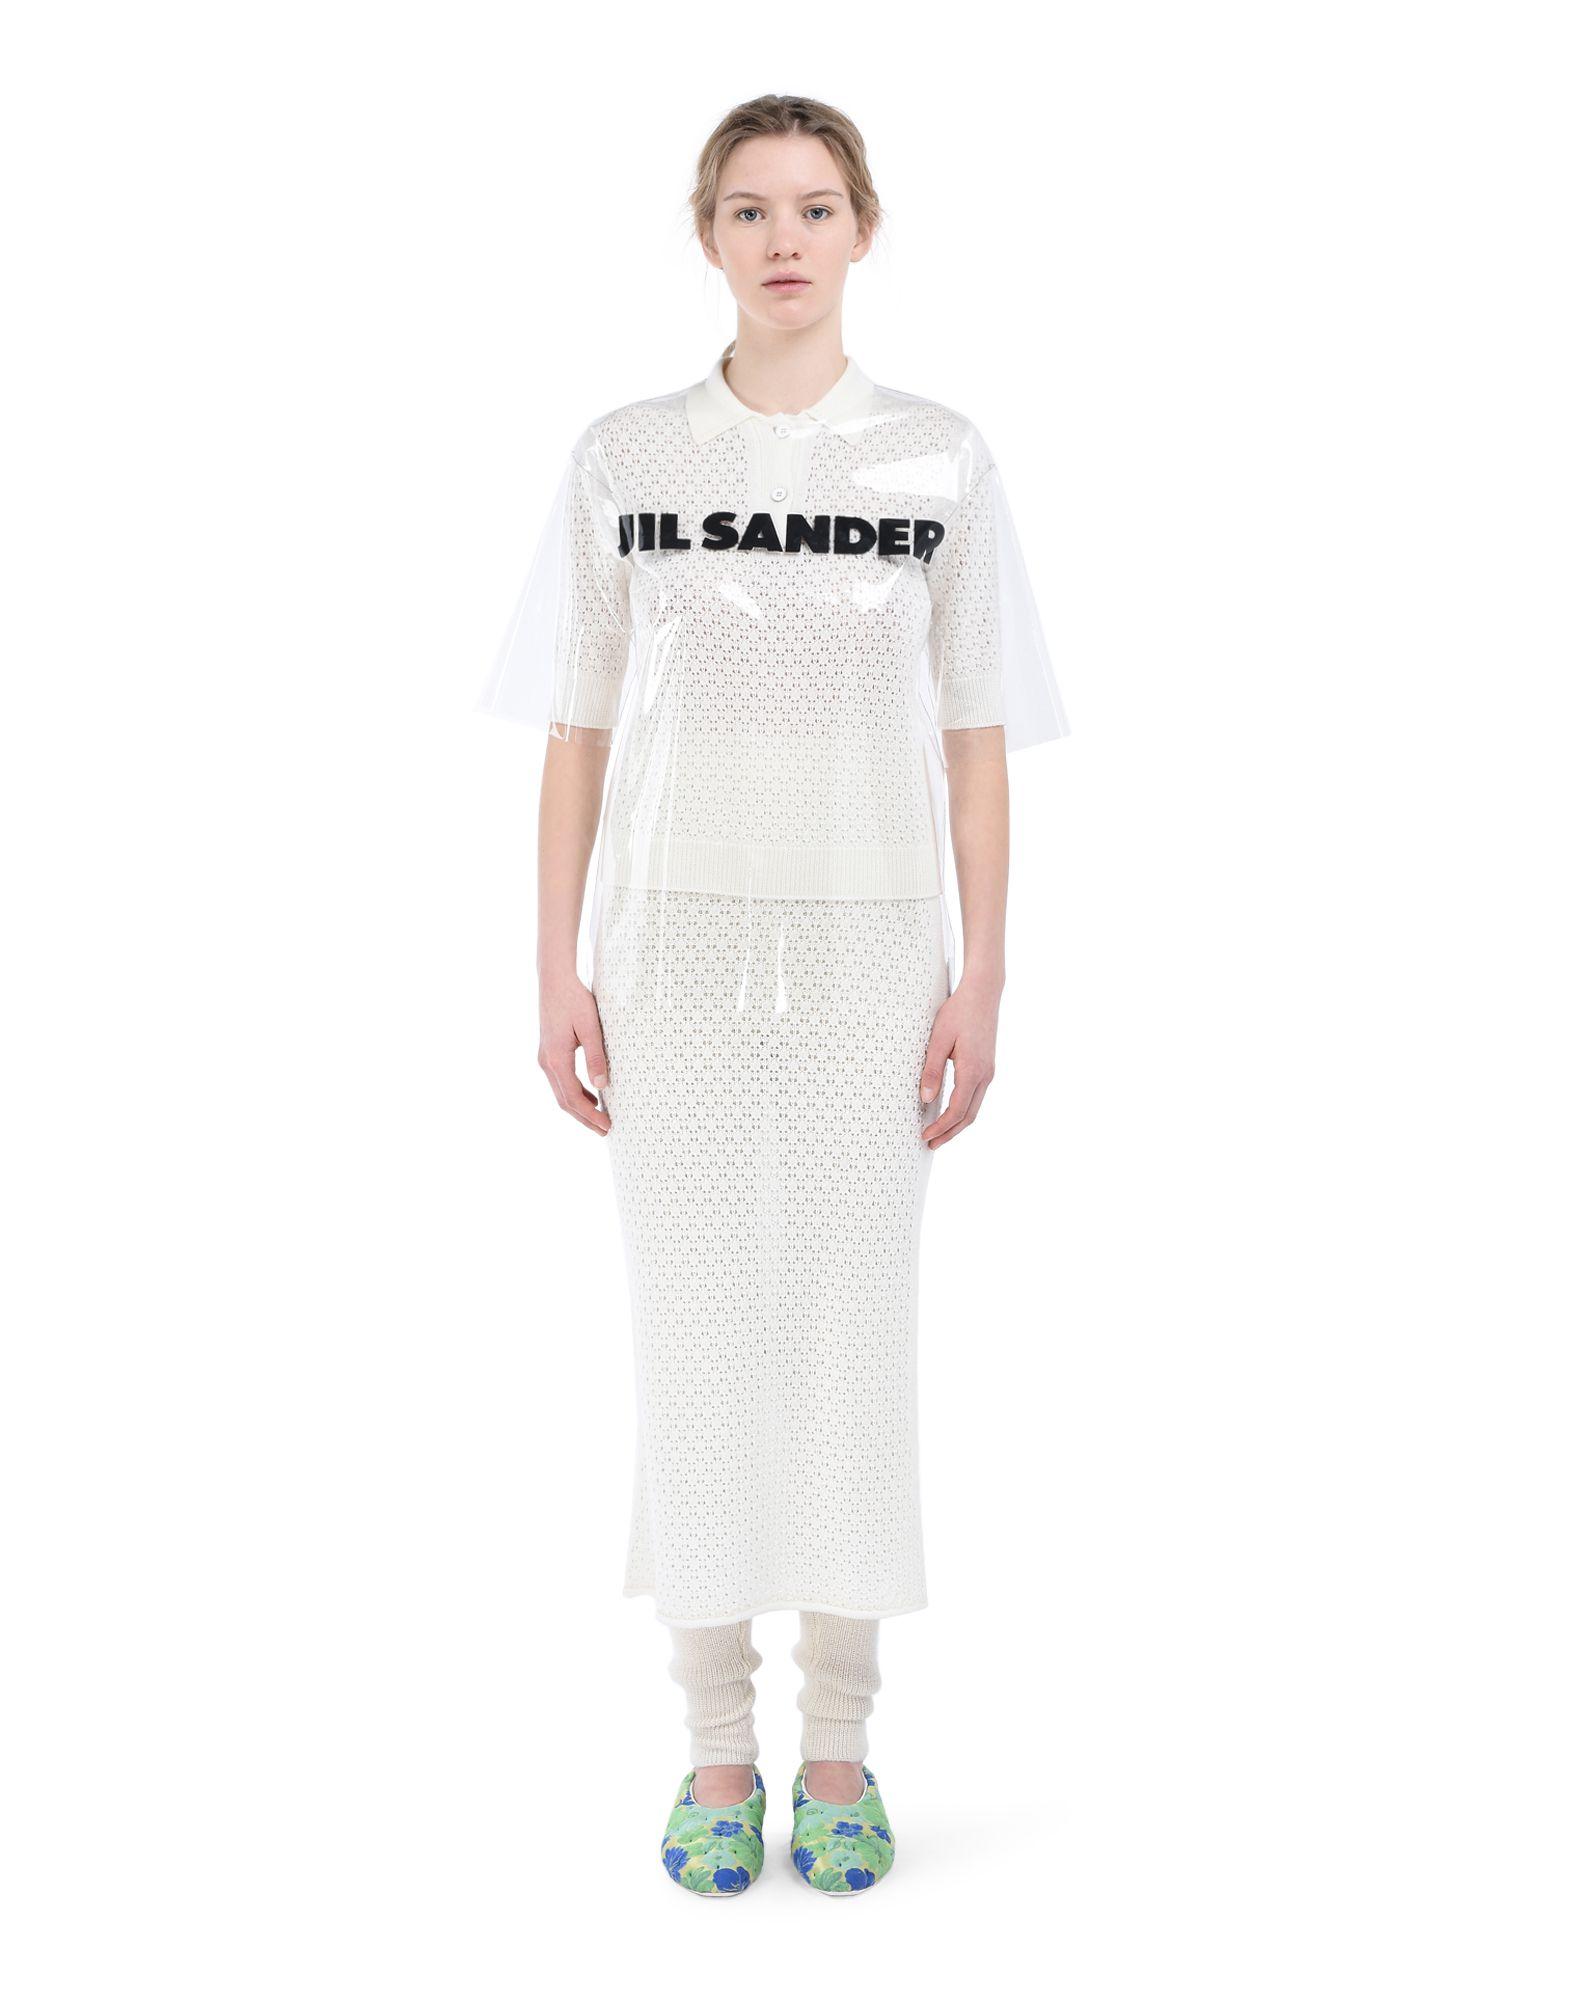 Gonna - JIL SANDER Online Store